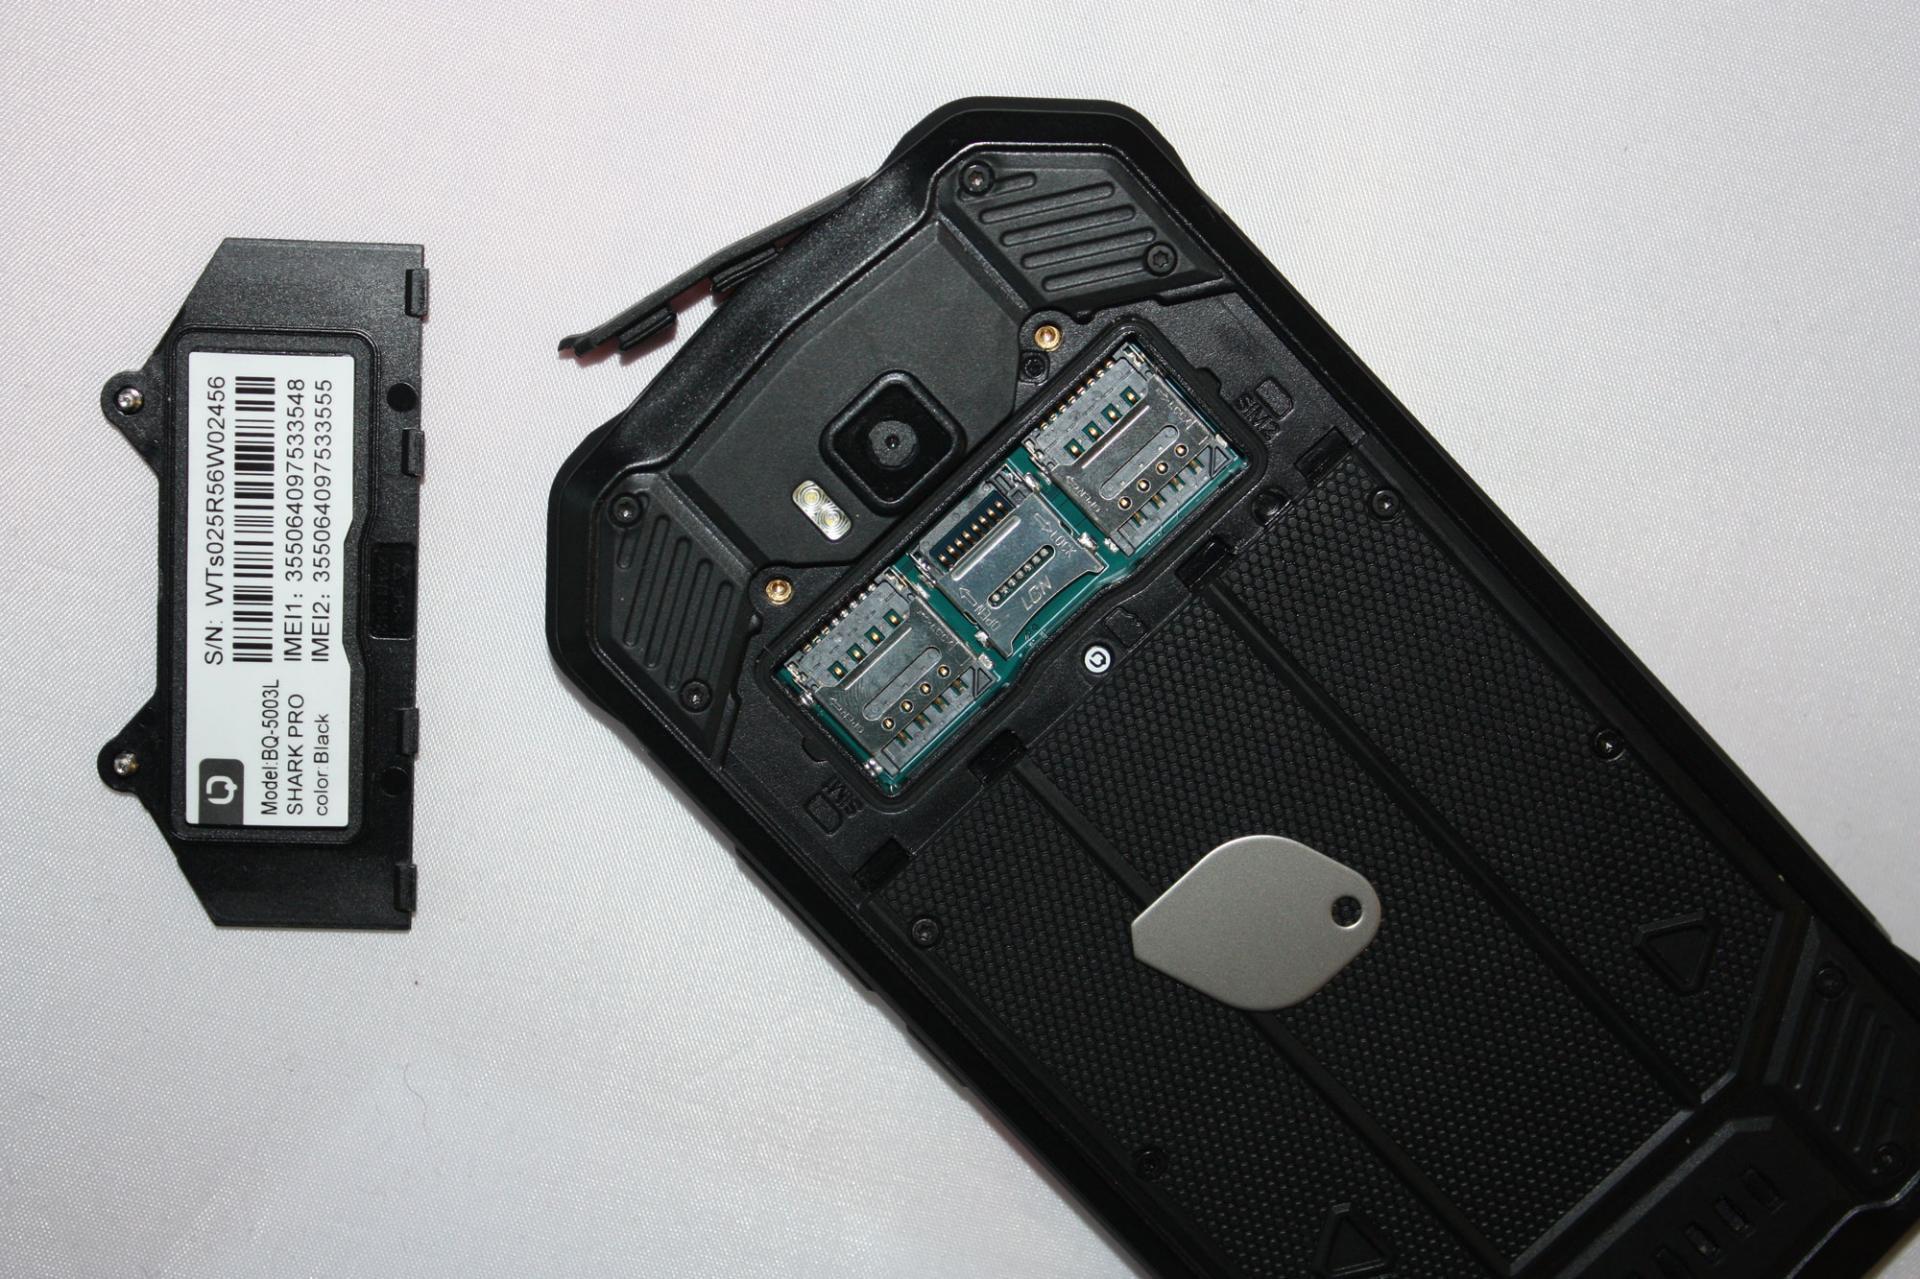 Как вставить сим-карту/карту памяти втелефон?